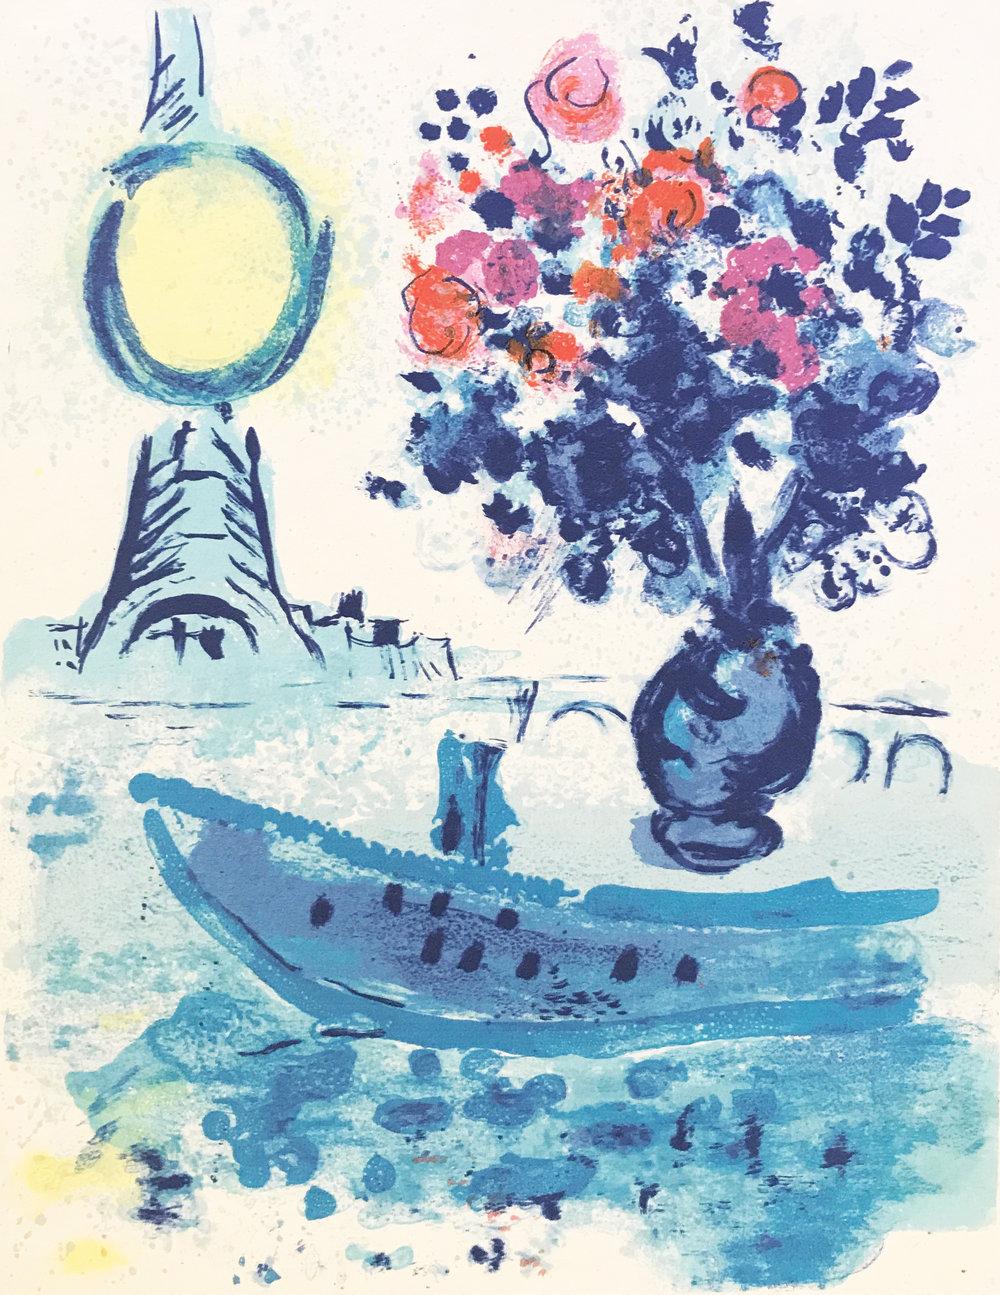 MARC CHAGALL   Regards sur Paris [Le bateau mouche au bouquet] , 1960  Original lithograph on Japan paper, 39 x 30 cm  £1,200   enquire >